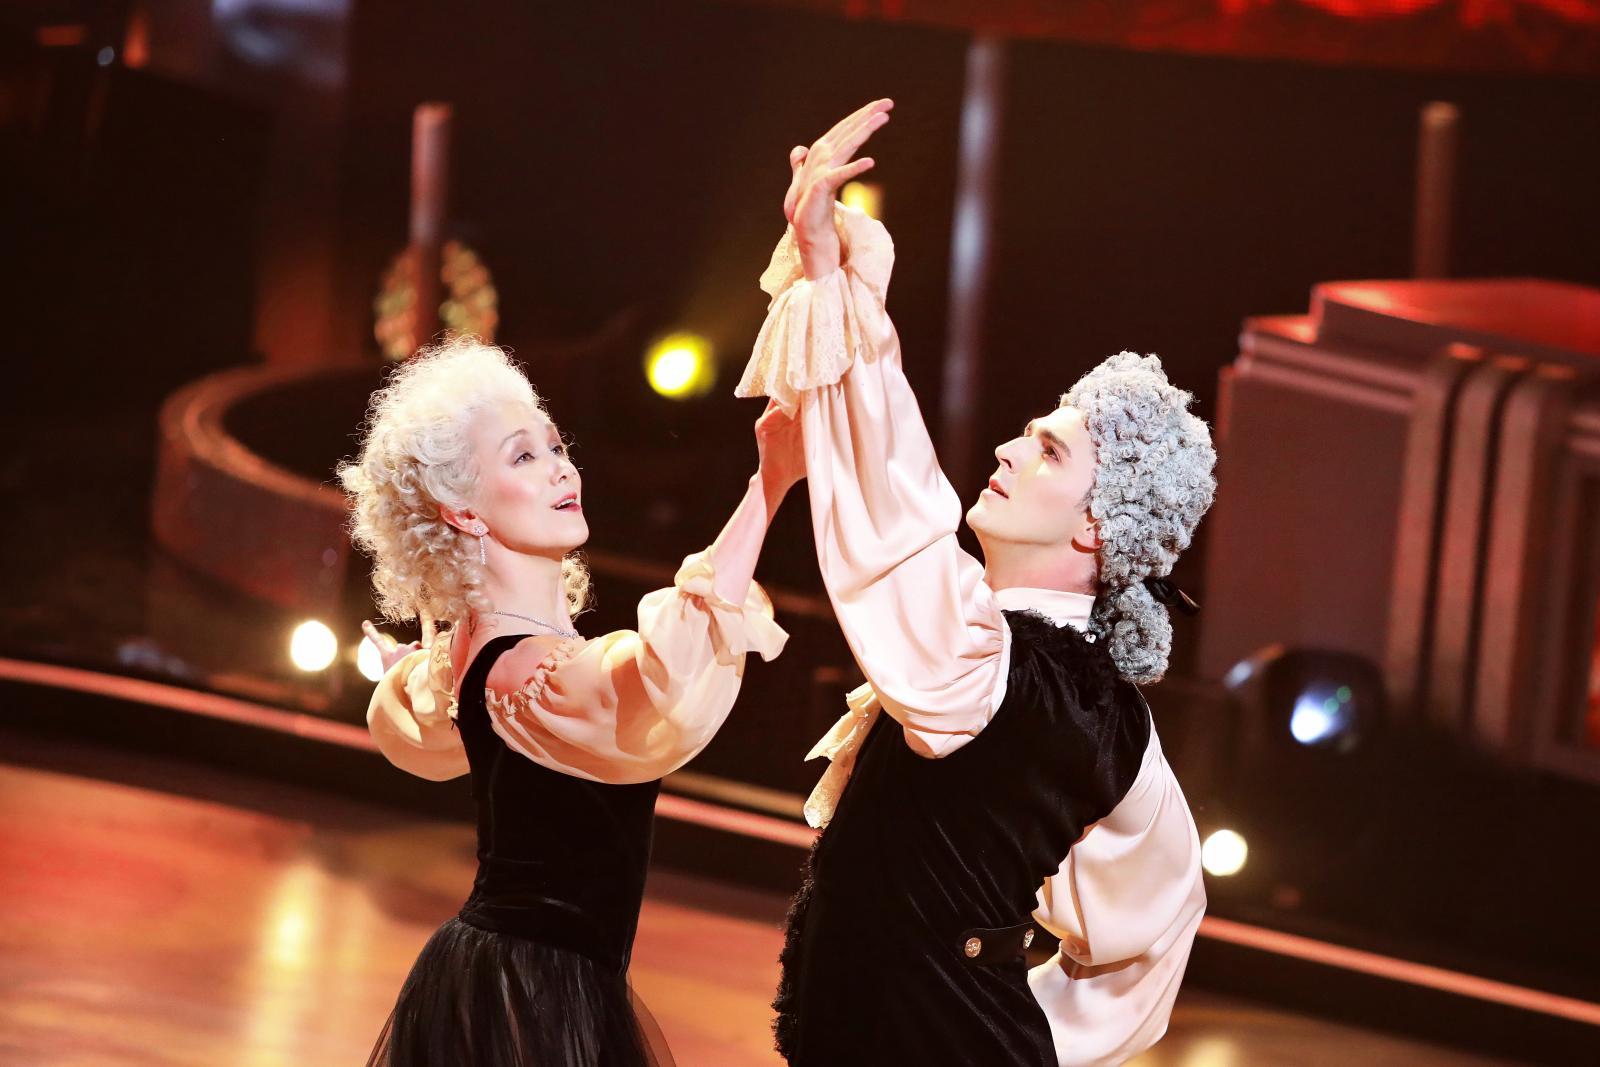 Дарья Мороз ушла из шоу «Танцы со звездами» по лепесткам роз и под звуки вальса